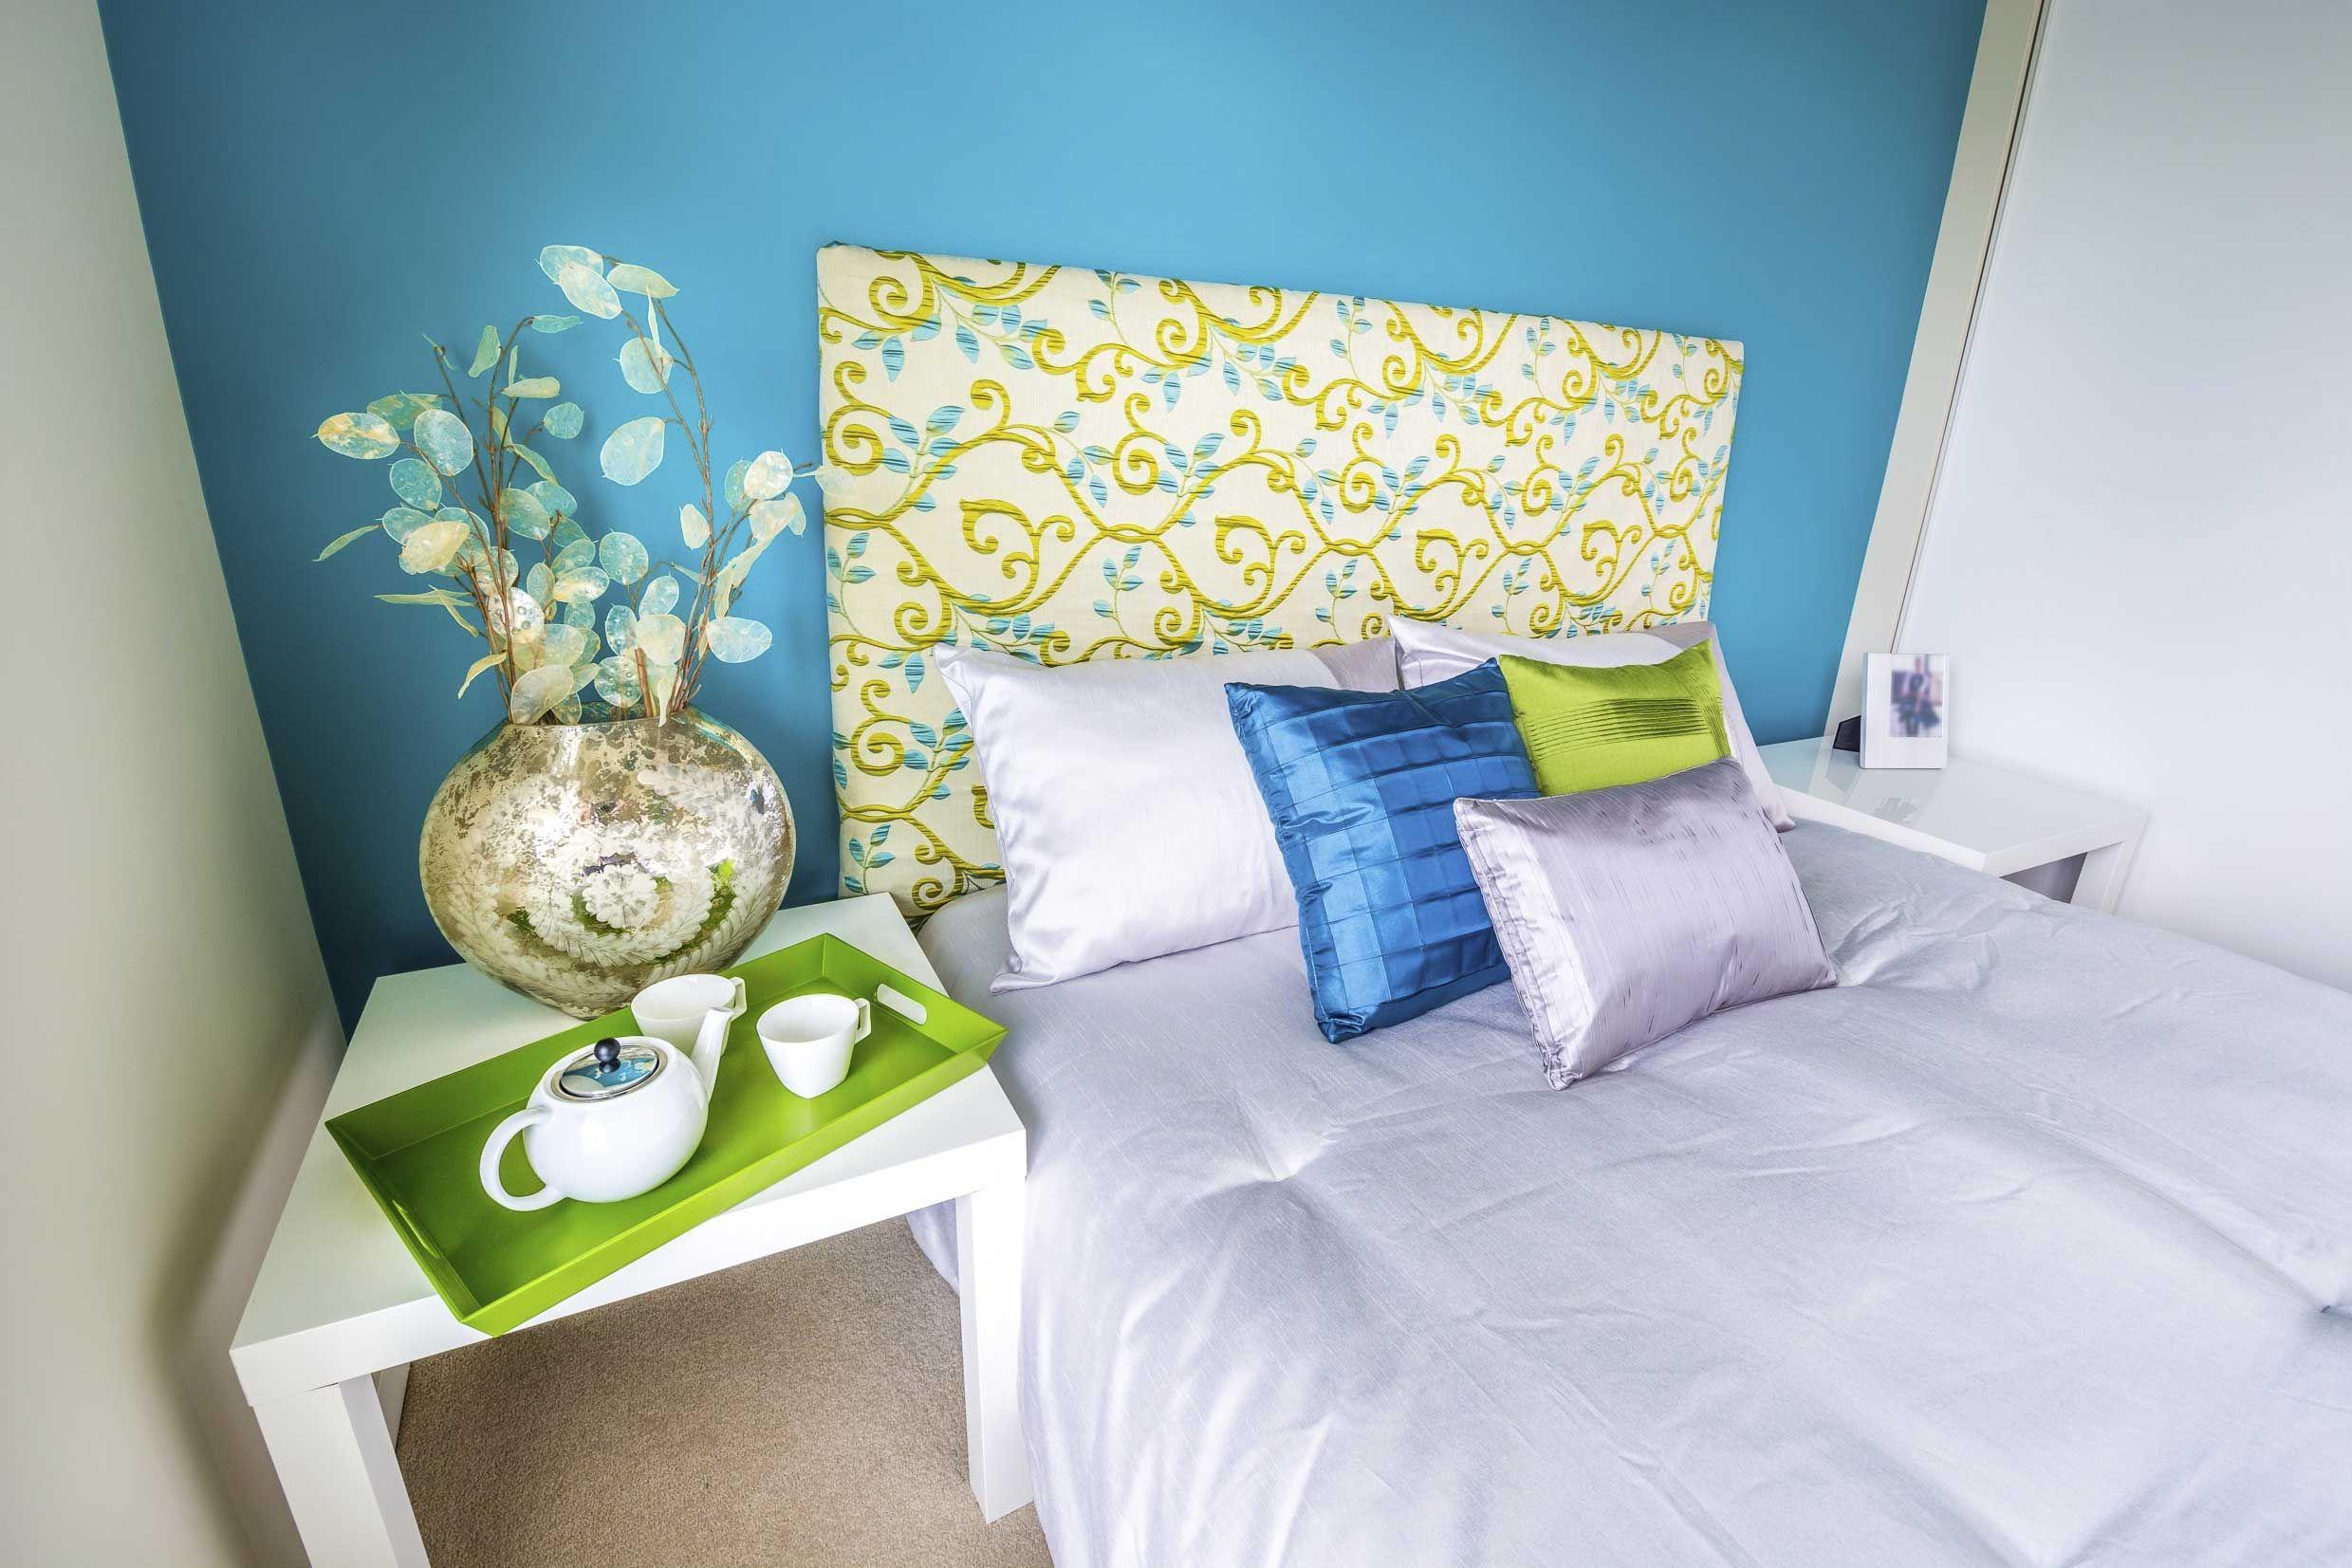 Décoration de lit avant en bleu et vert pistache